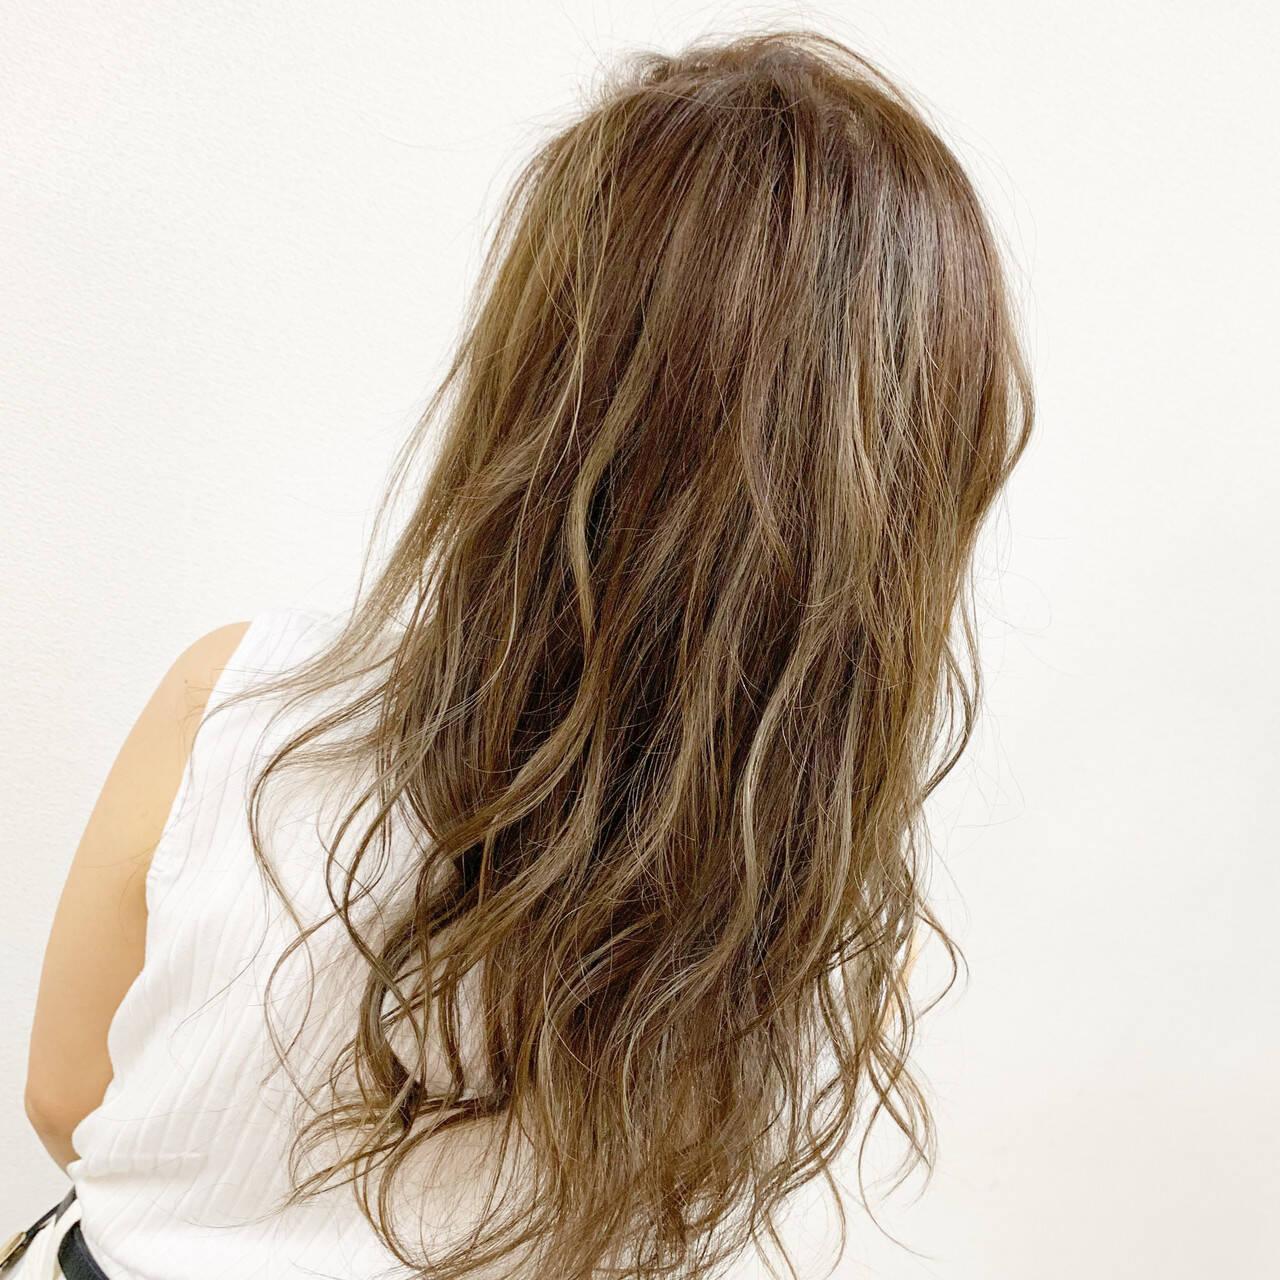 ブリーチ ベージュ ハイトーン ストリートヘアスタイルや髪型の写真・画像